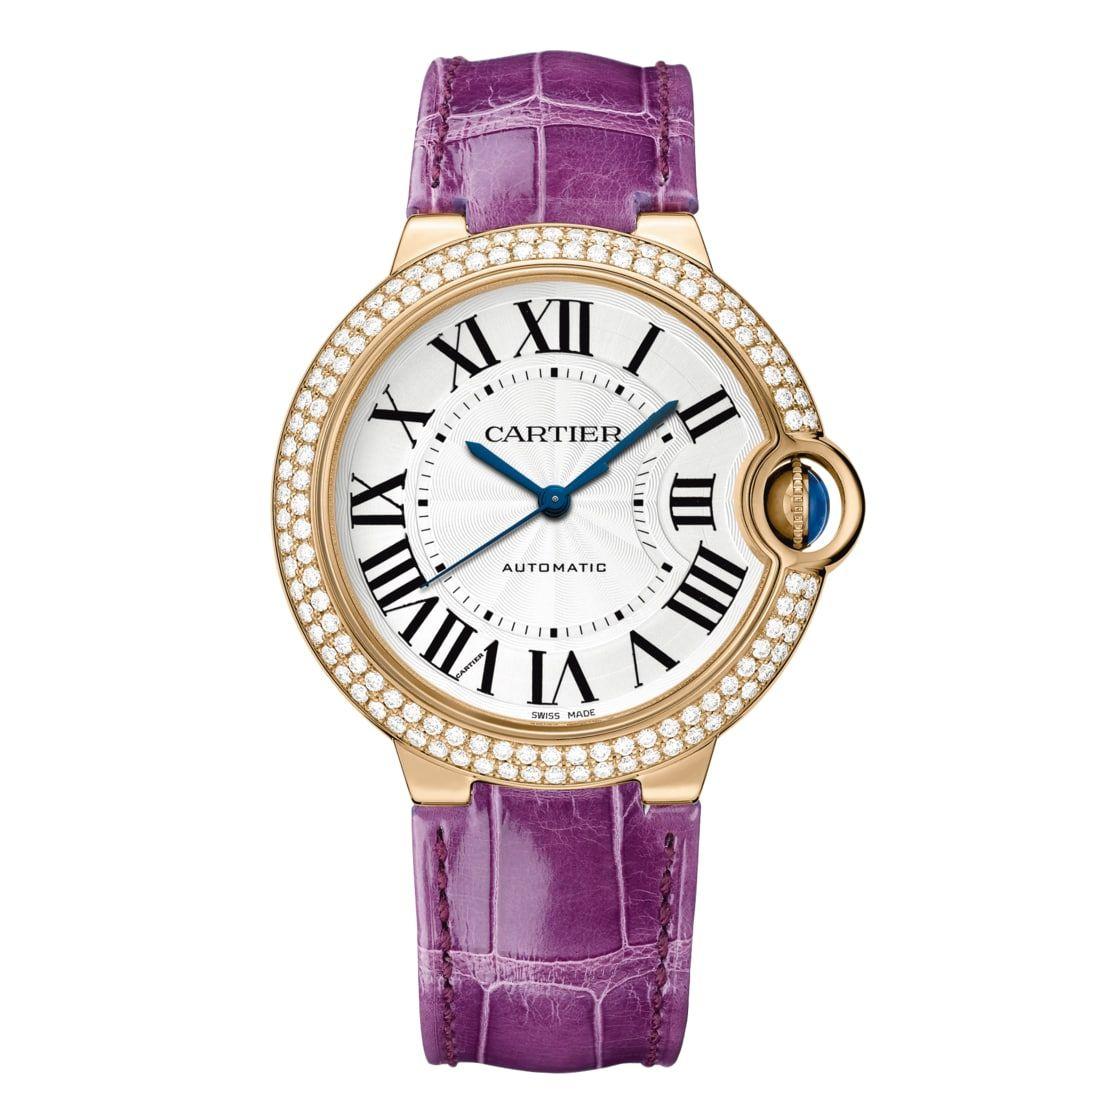 Cartier Ballon Bleu 36mm 18k Pink Gold And Diamonds Watch